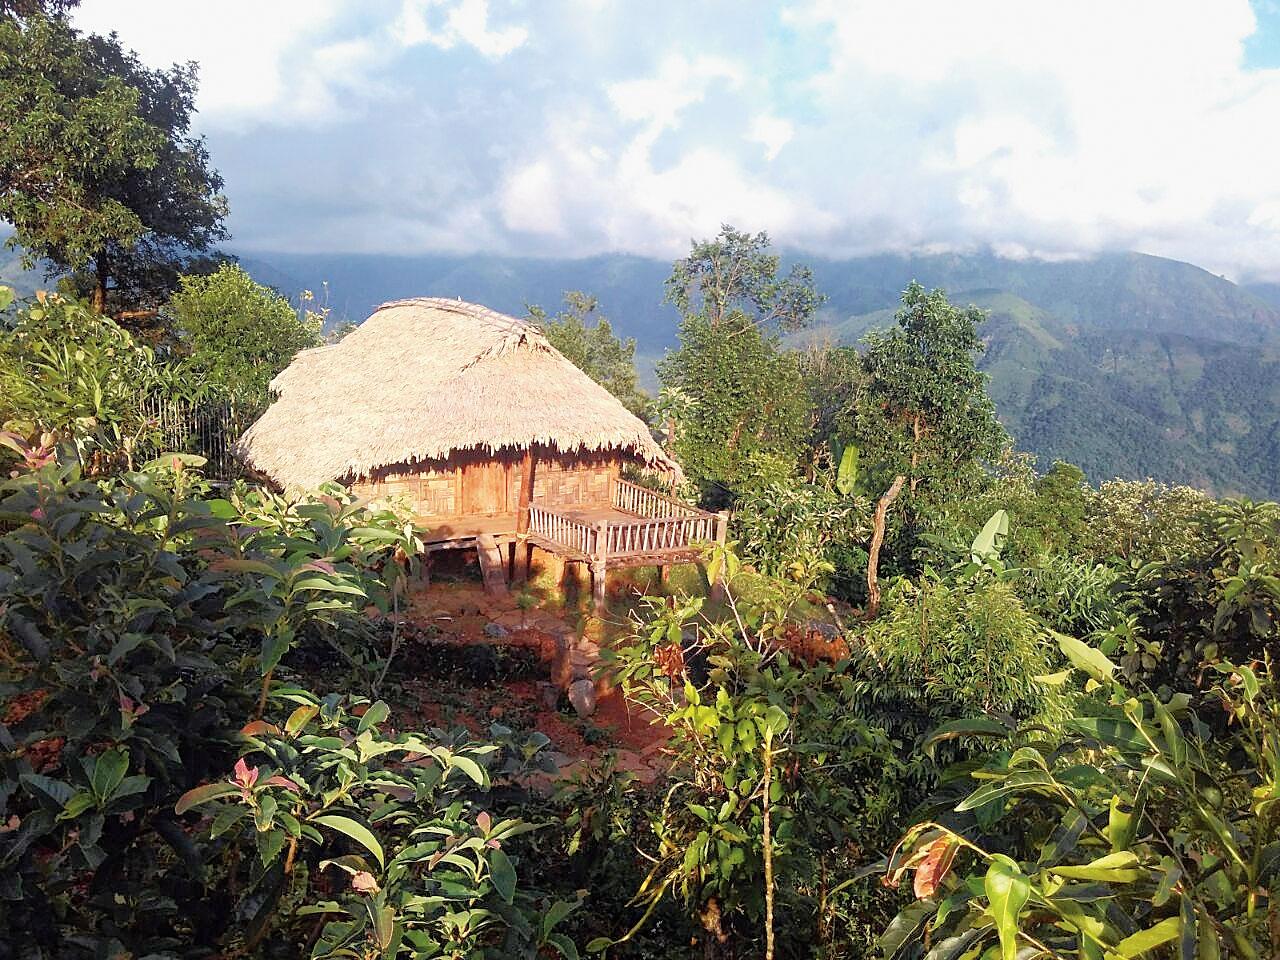 Kongthong village